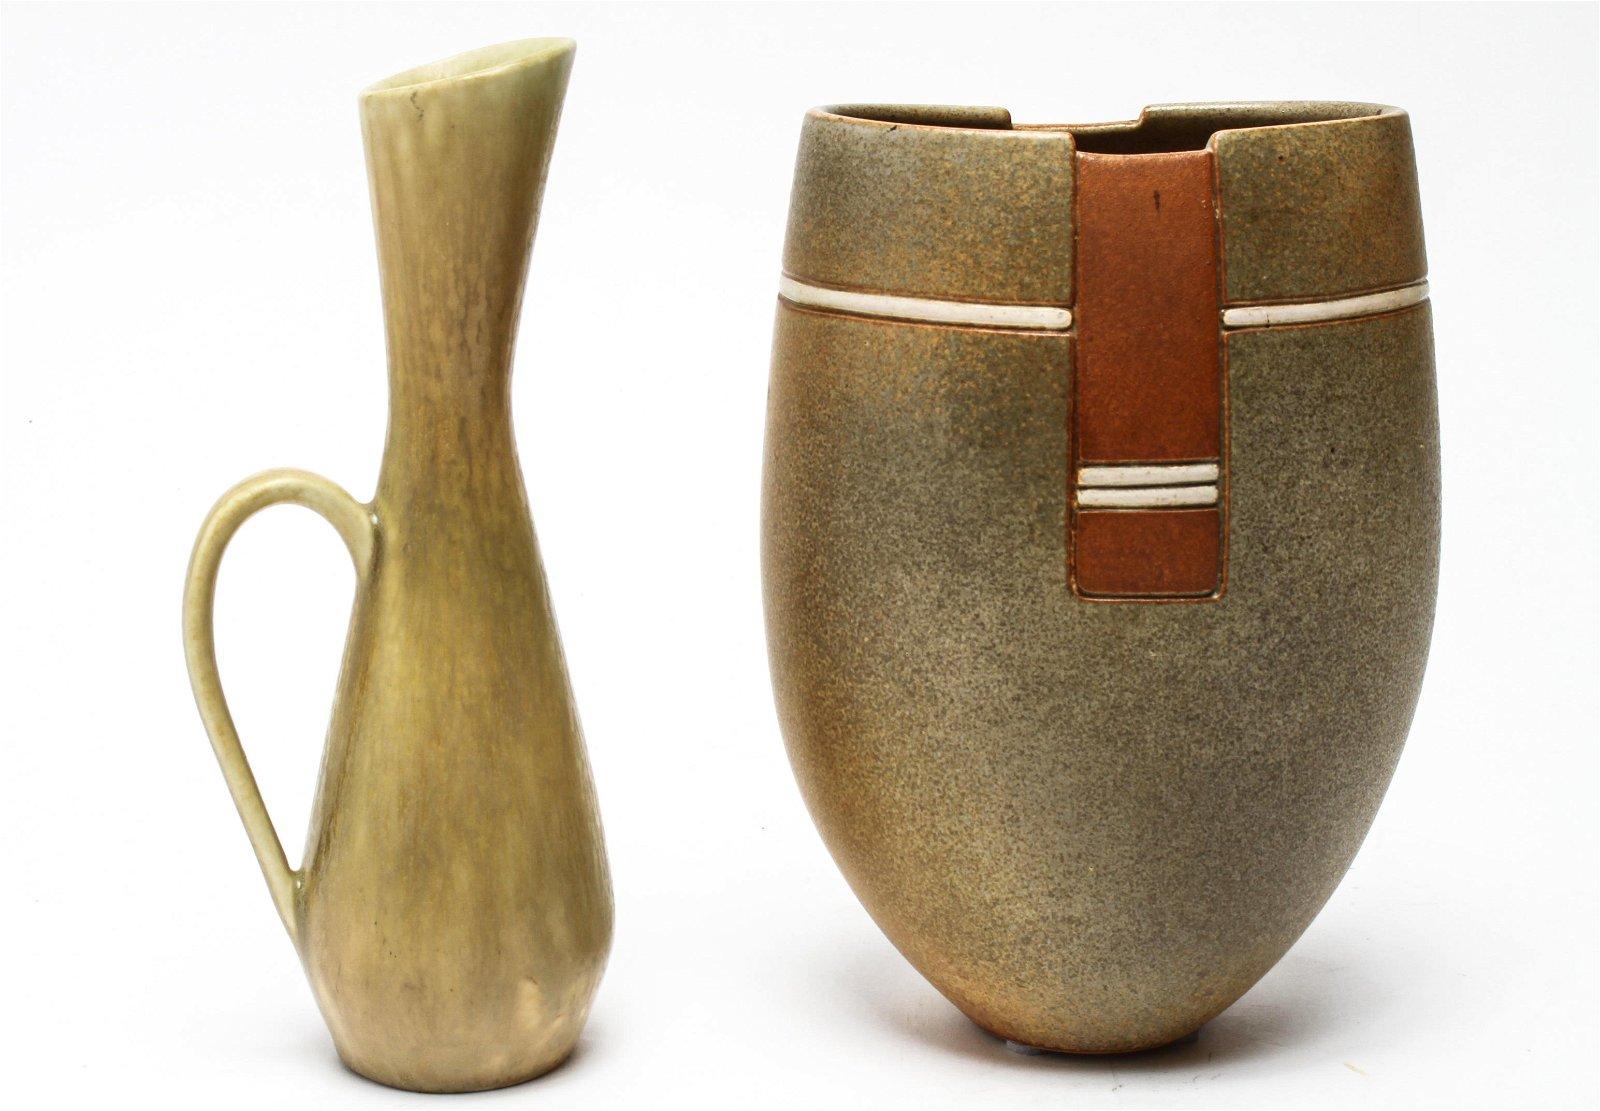 Scandinavian Art Pottery Ewer & Vase, 2 Pcs